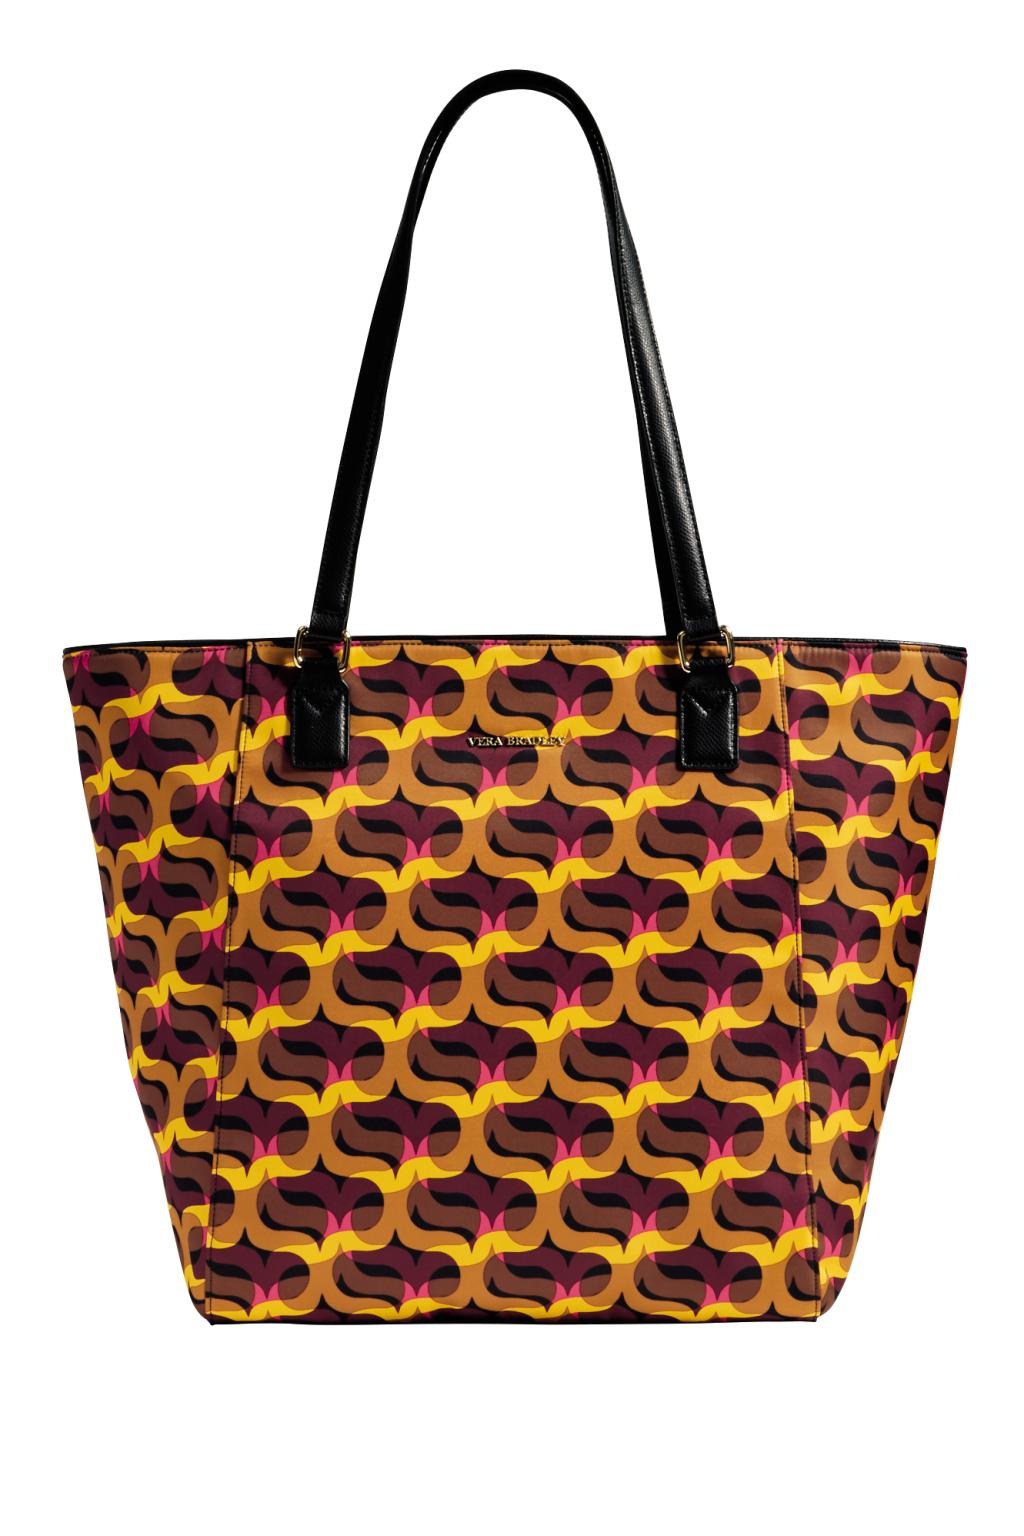 Большие сумки: модные тренды - сумка с размытыеми акварельныеми принтыами из коллекции Vera Bradley.